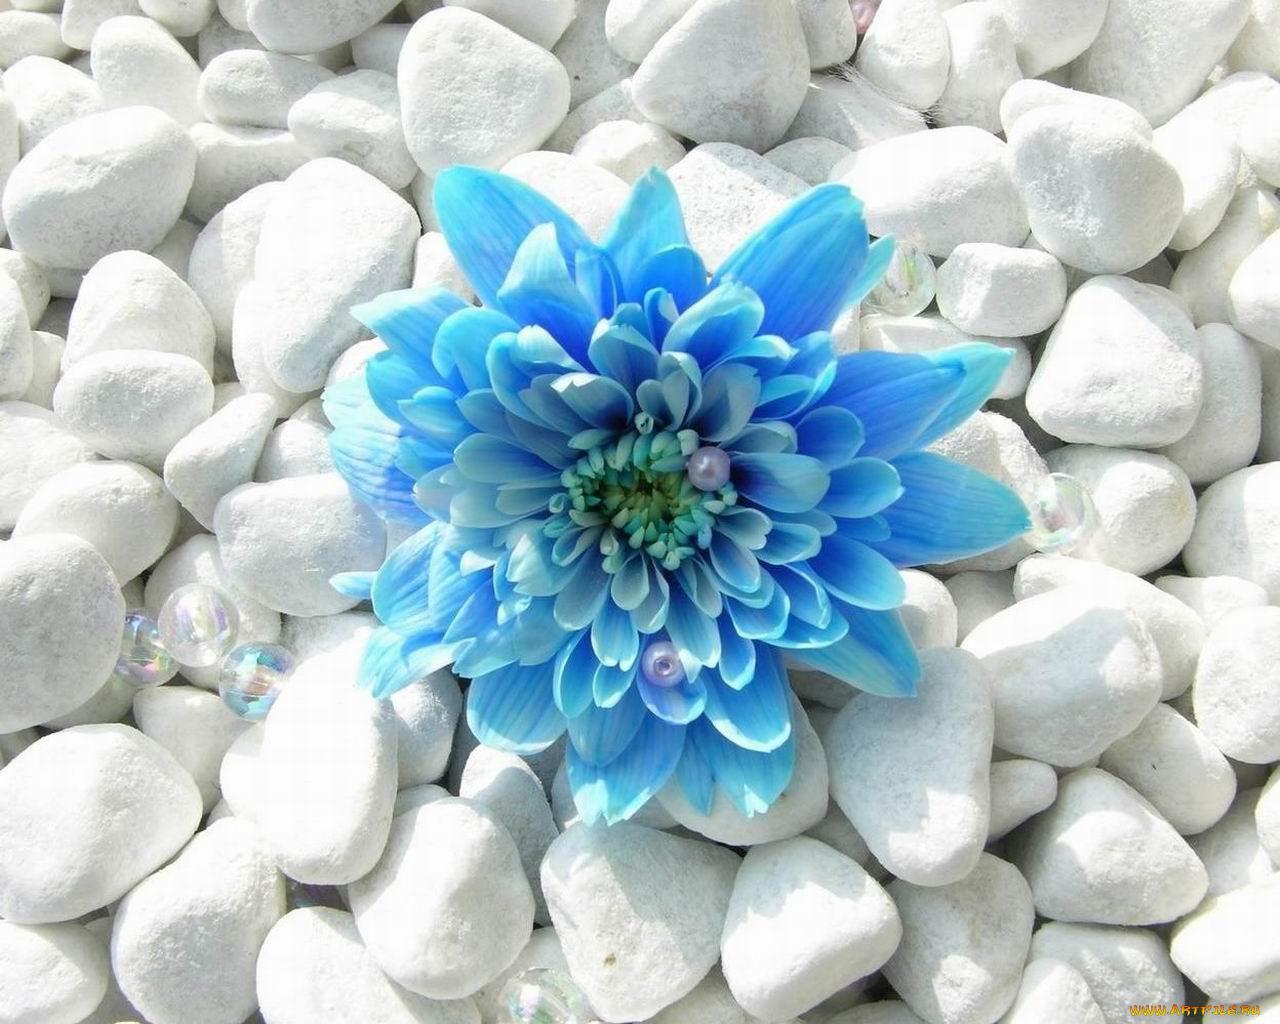 Братишка, картинки цветы голубые